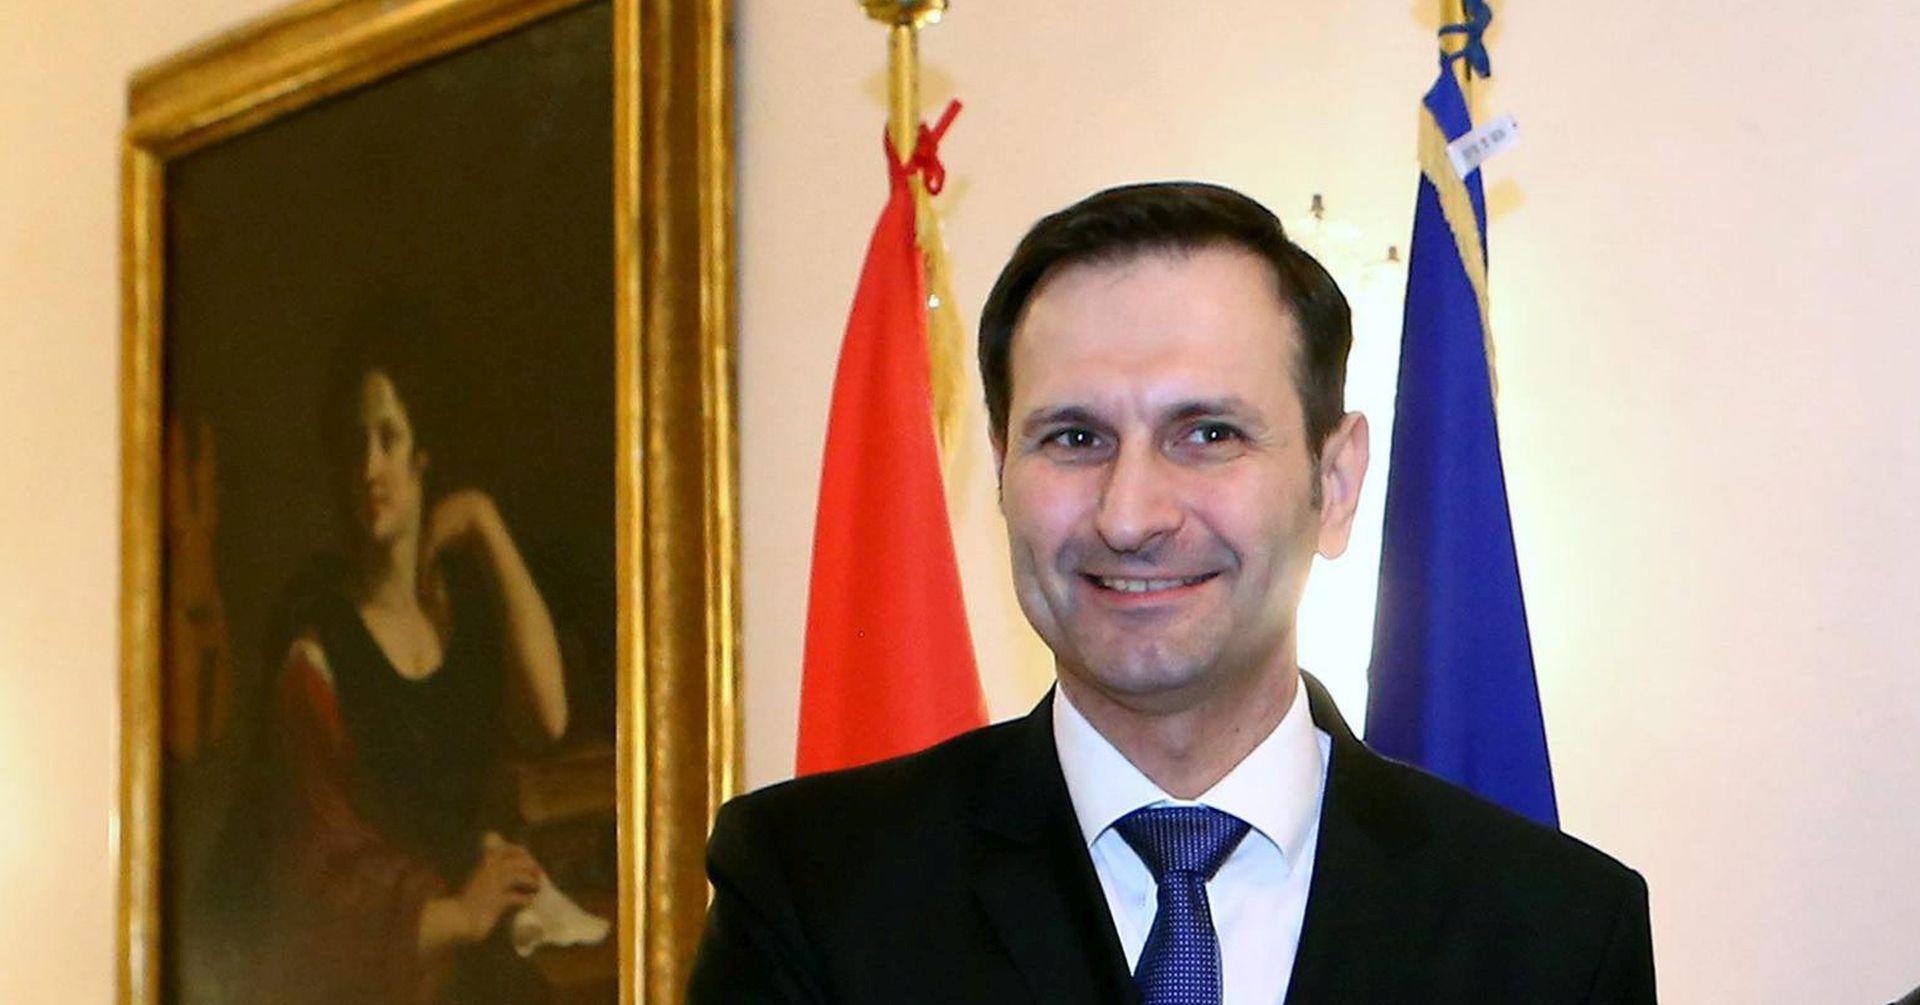 Srbija uputila prosvjednu notu zbog Kovačeve izjave